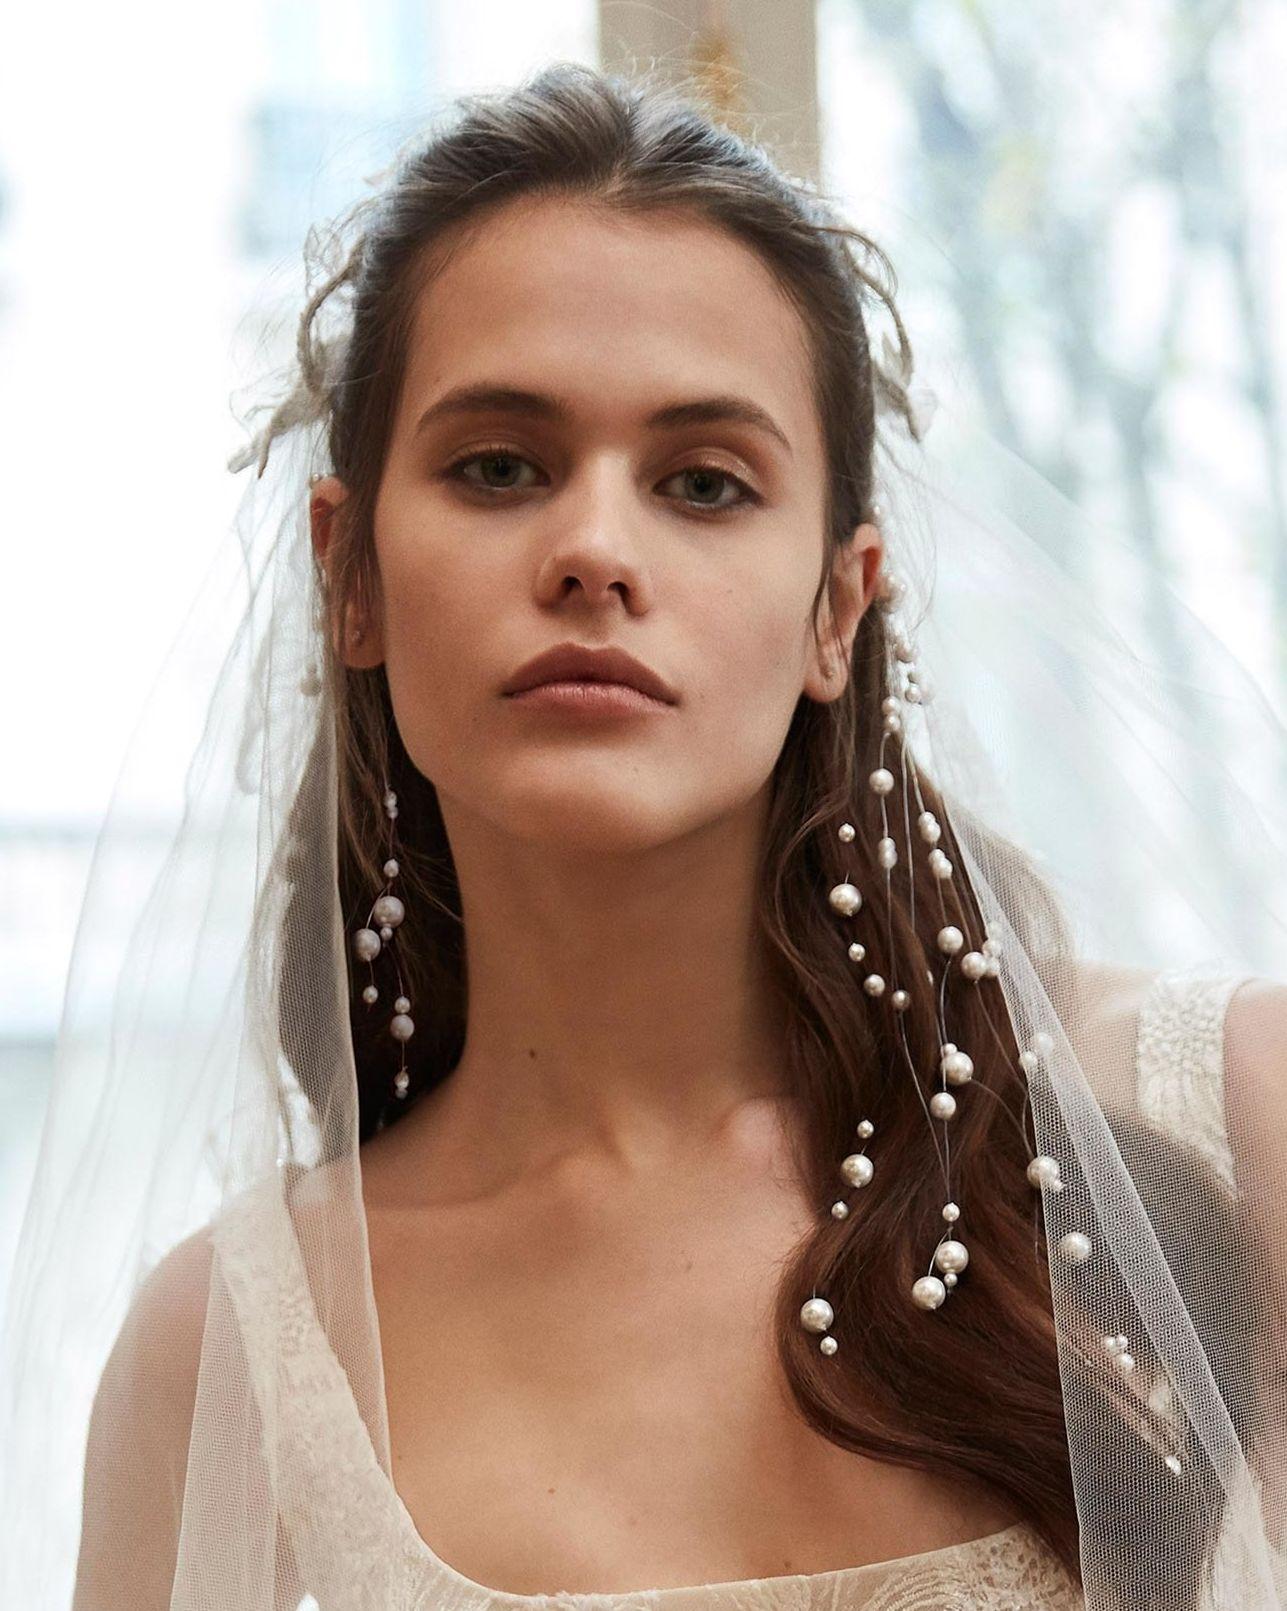 新娘,筆記,髮飾,頭飾,氣質,珍珠,髮型